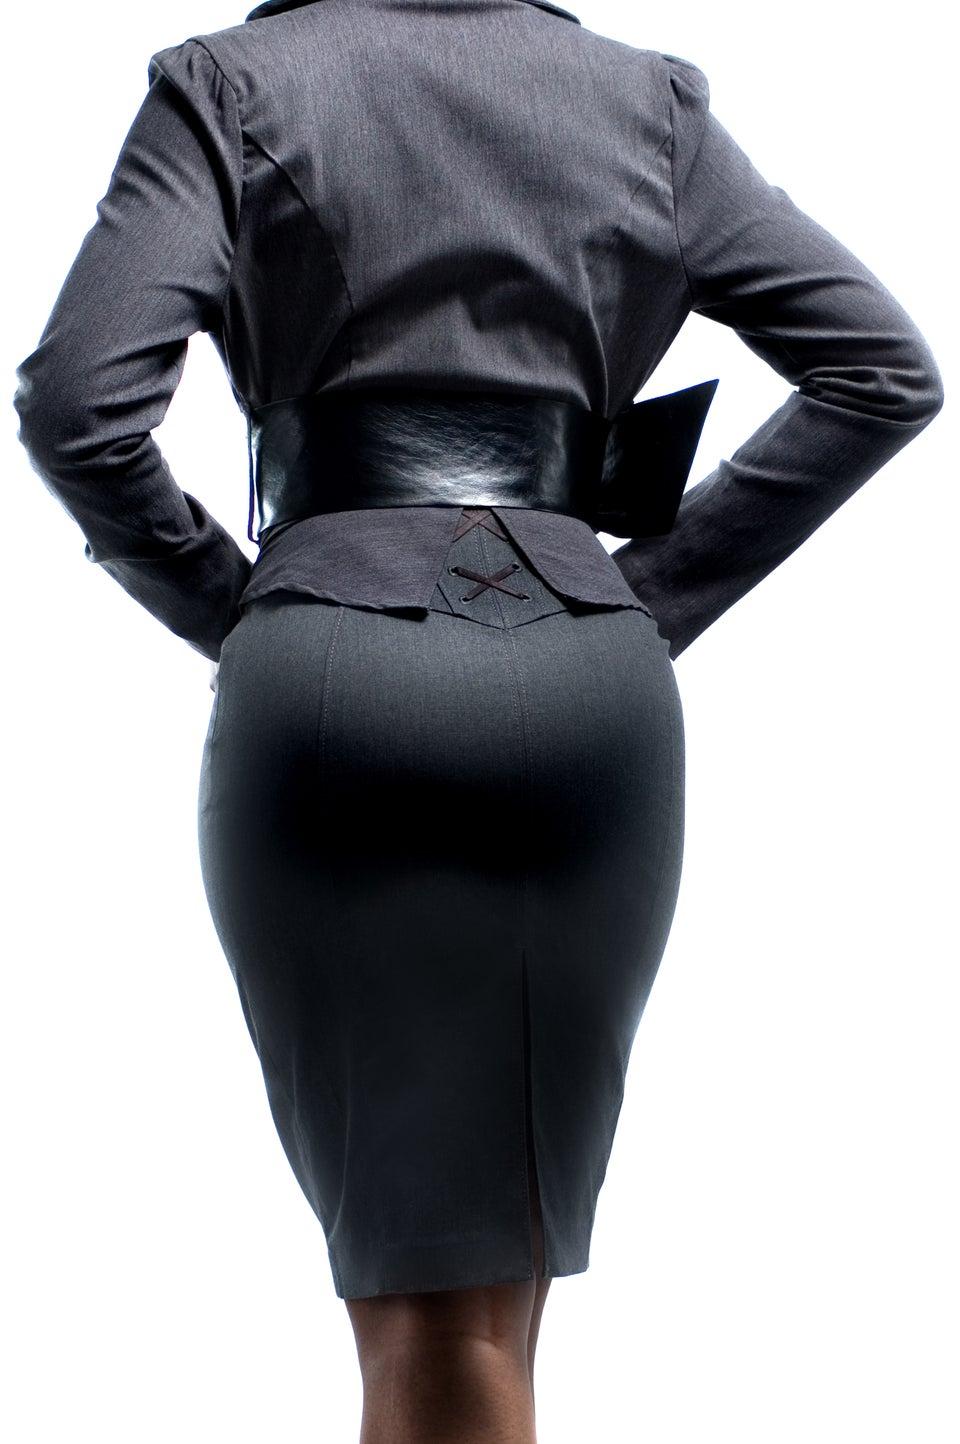 Real Talk: Want a Bigger Butt?